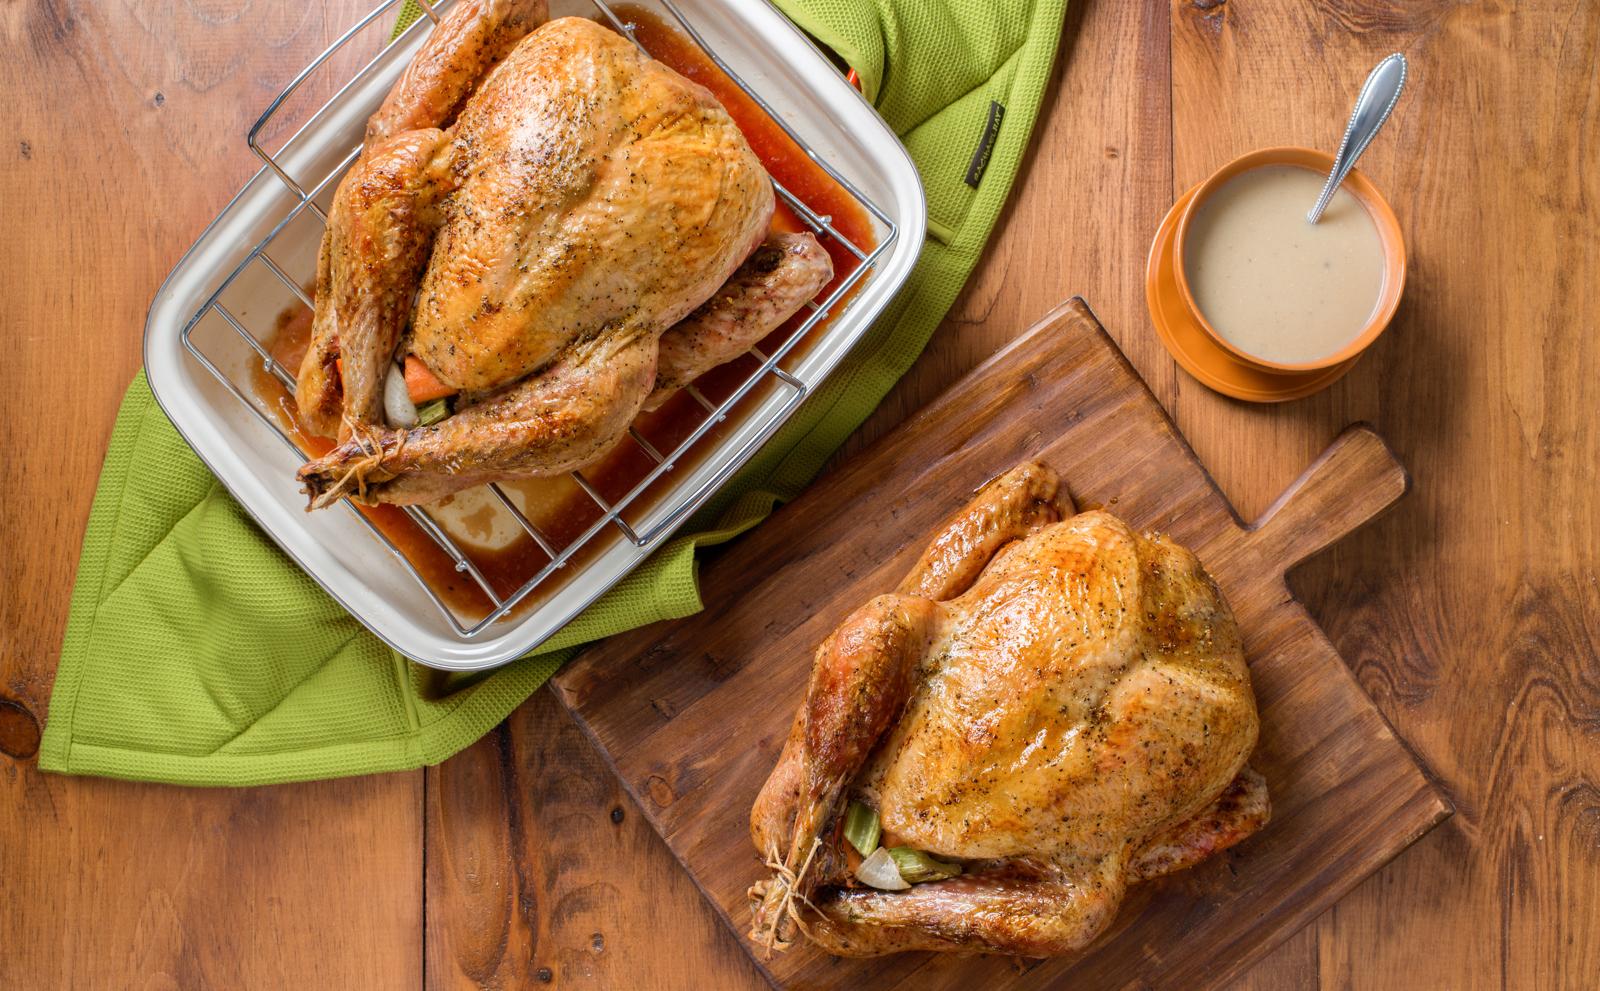 Rachael's Two Small Roast Turkeys